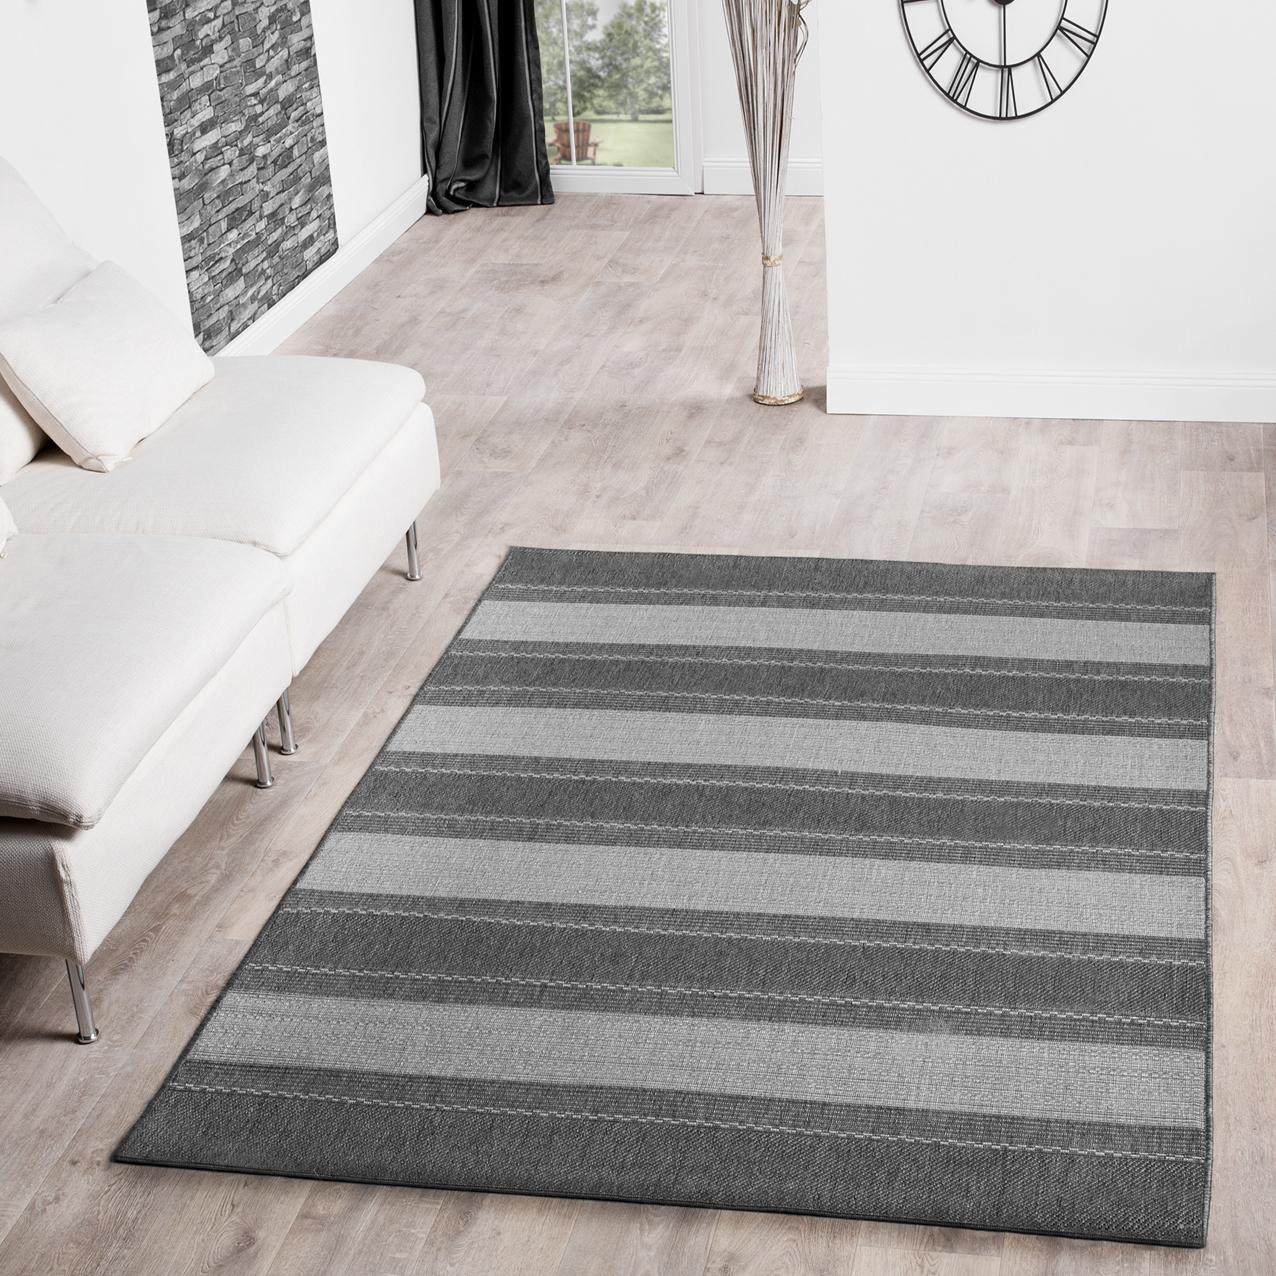 moderner teppich innen und au enbereich wohnzimmer. Black Bedroom Furniture Sets. Home Design Ideas